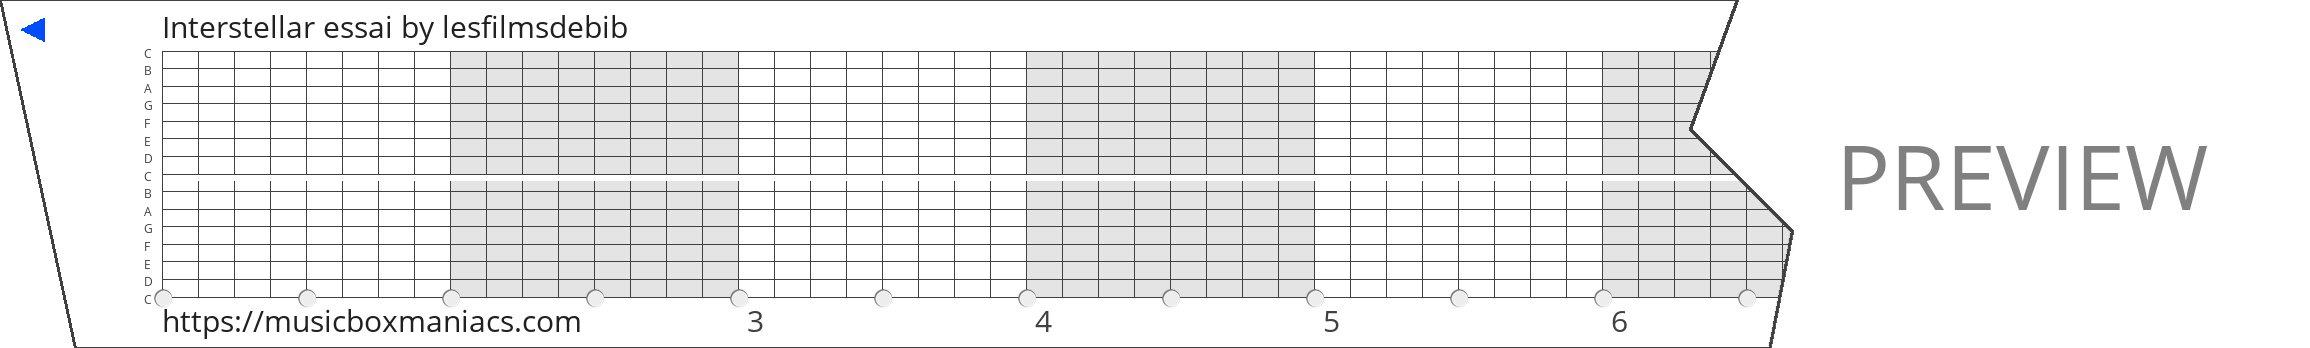 Interstellar essai 15 note music box paper strip